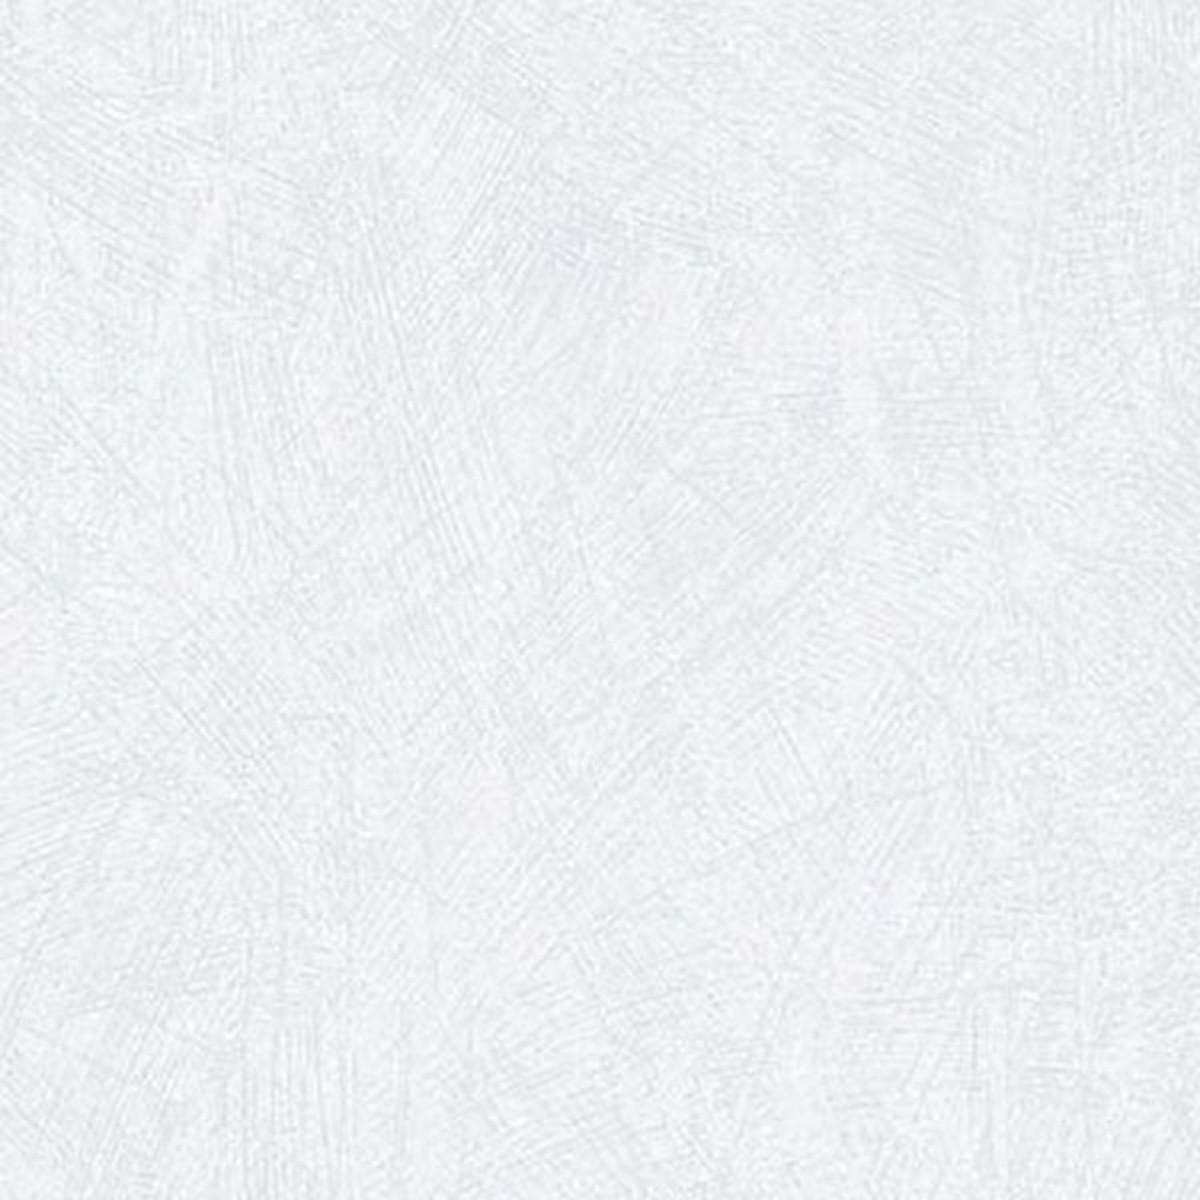 Обои виниловые Gaenari серые 1.06 м 81131-2